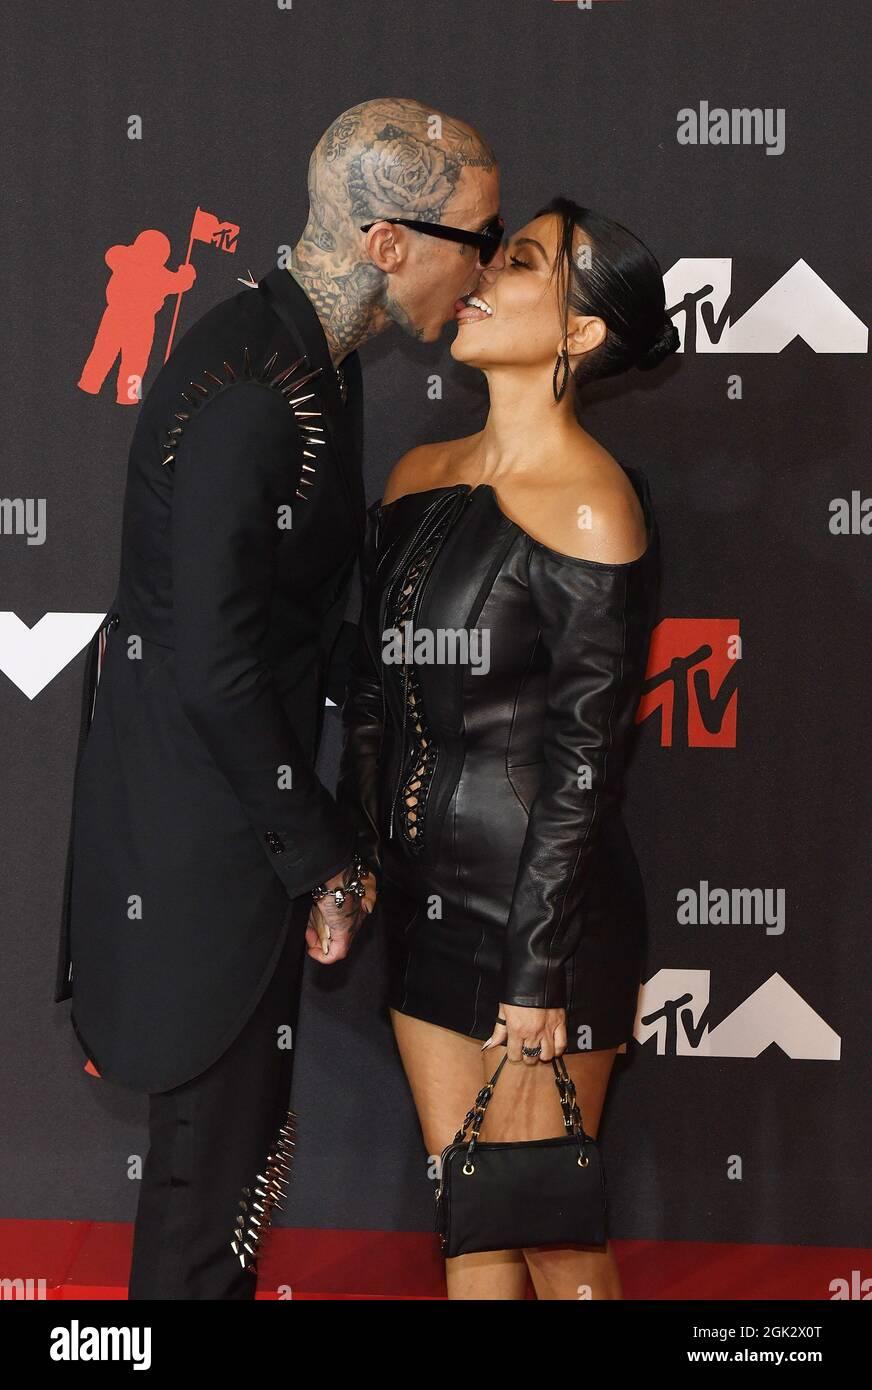 Travis Barker, Kourtney Kardashian werden bei den MTV Video Music Awards 2021 am 12. September 2021 im Barclays Center in New York City in Brooklyn gesehen, wie sie sich am roten Karper küssen. Foto: Jeremy Smith/imageSPACE Stockfoto